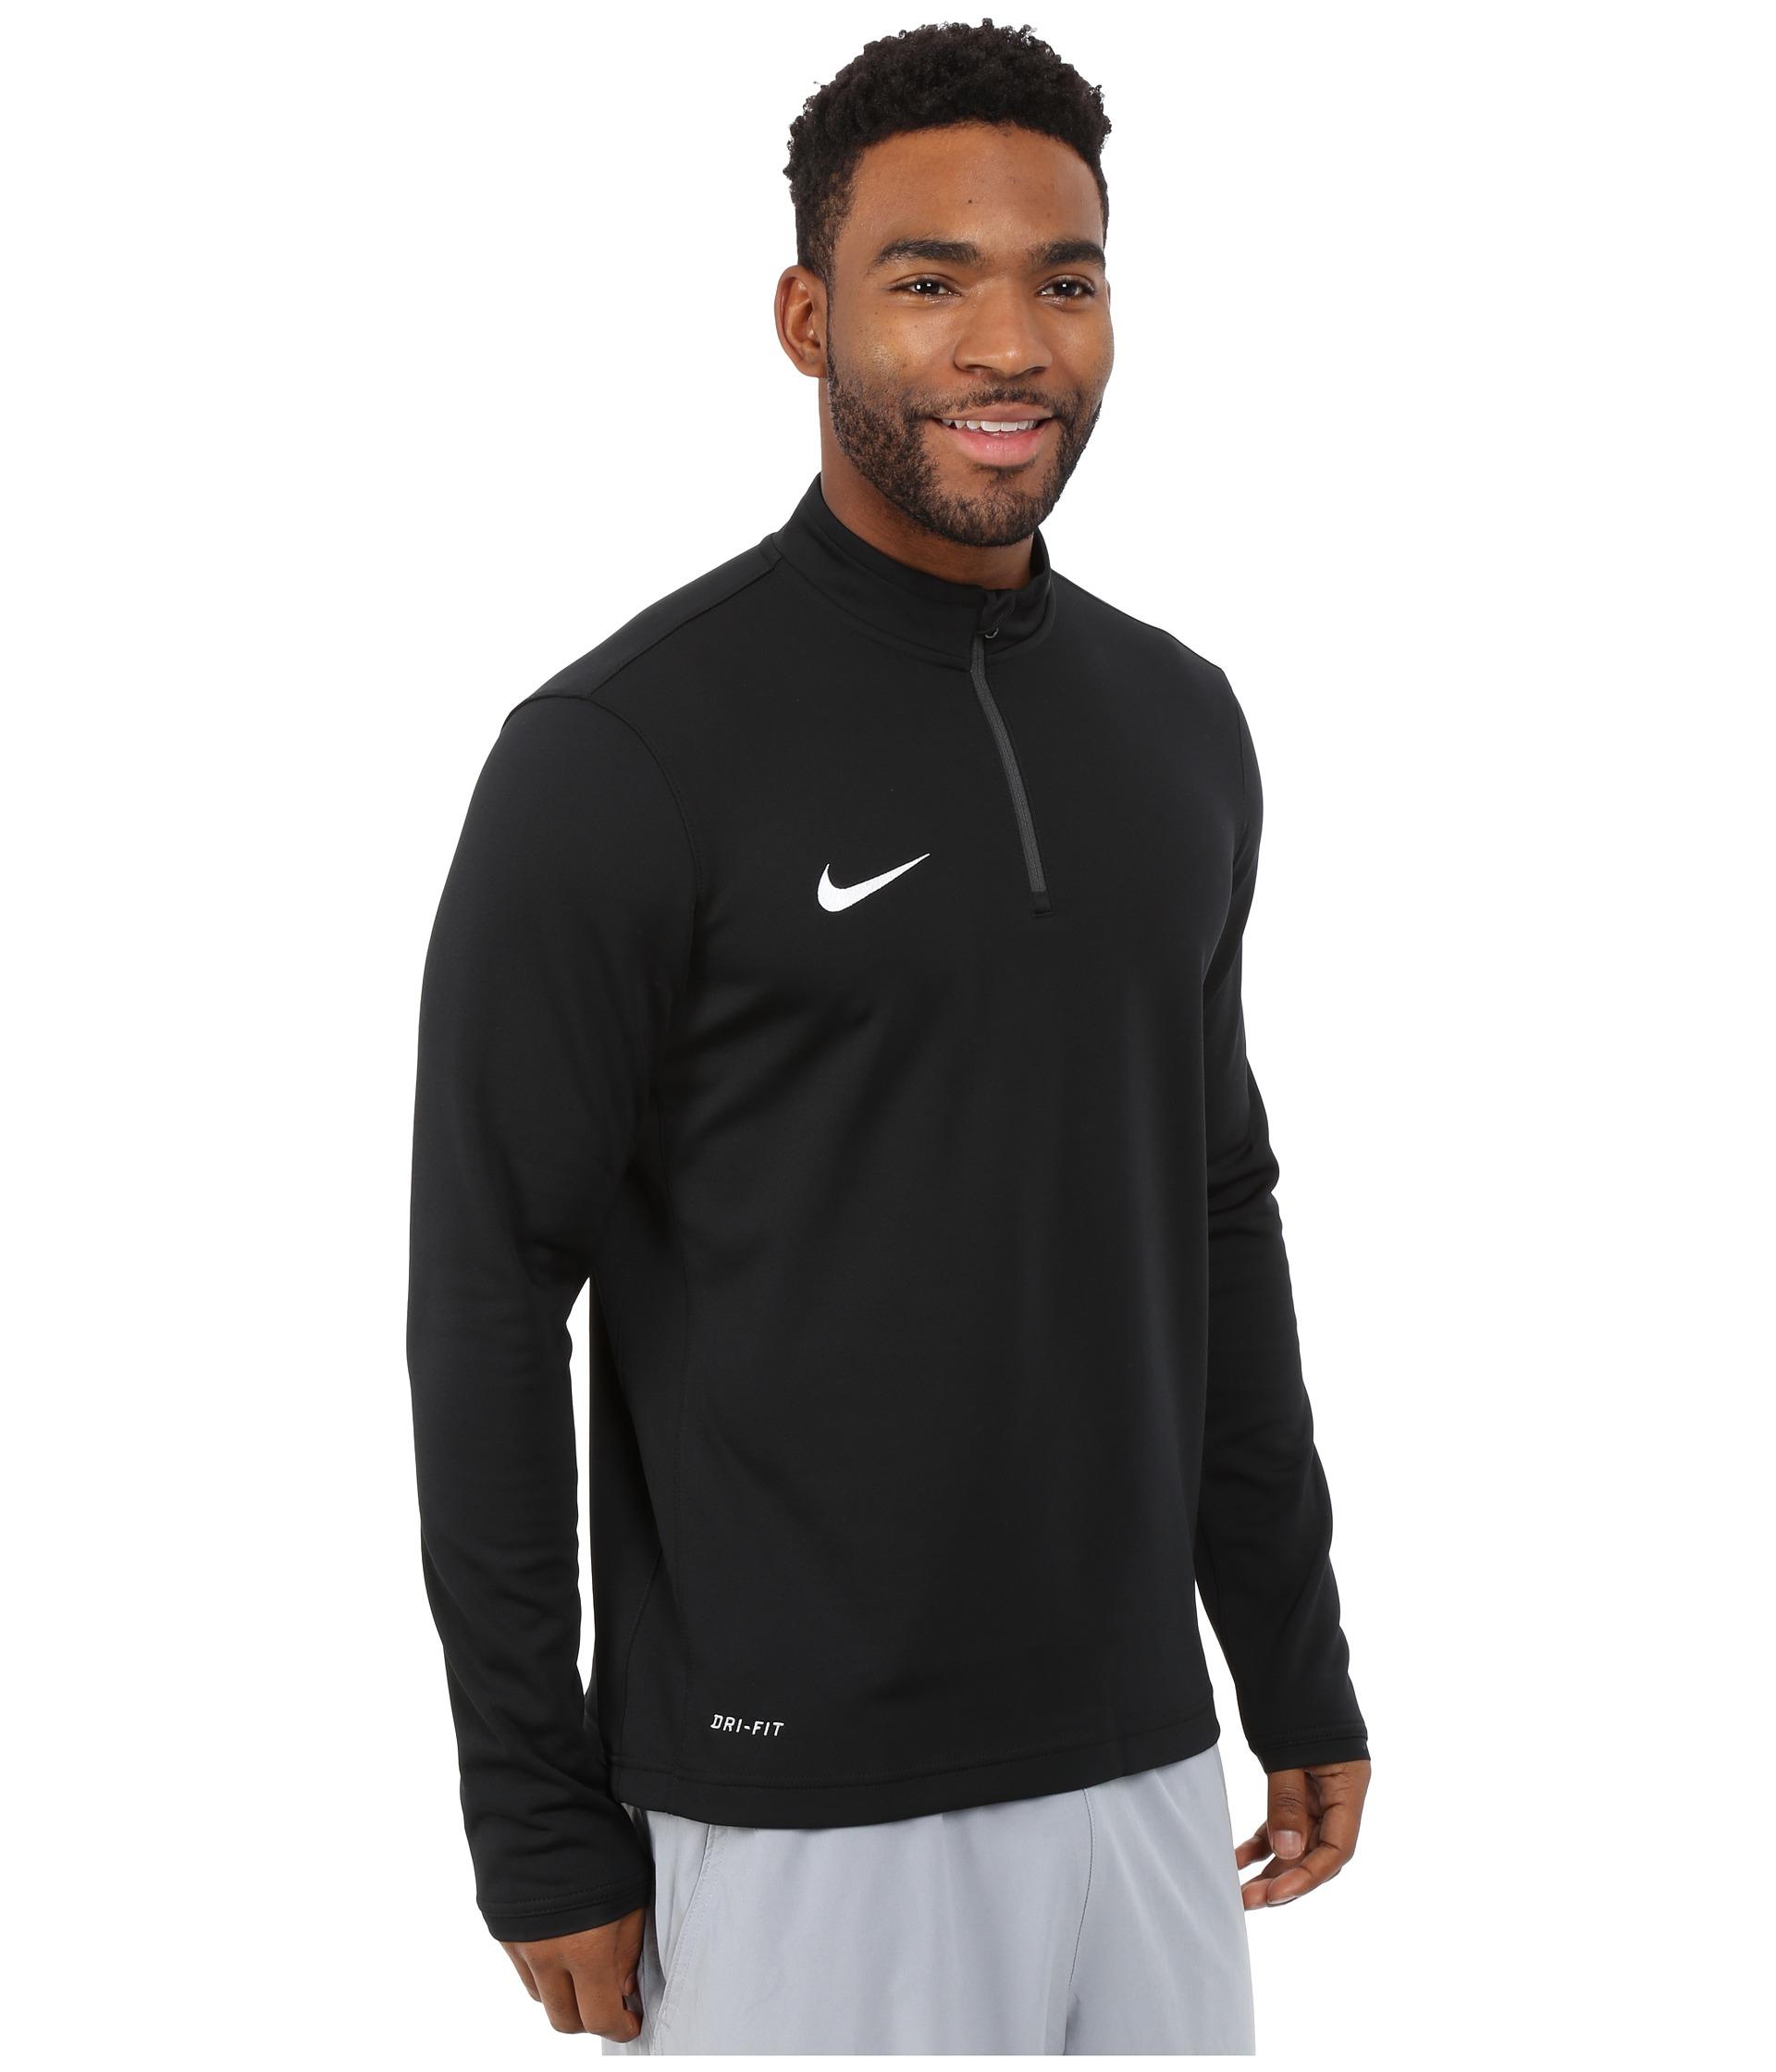 Nike jacket academy - Gallery